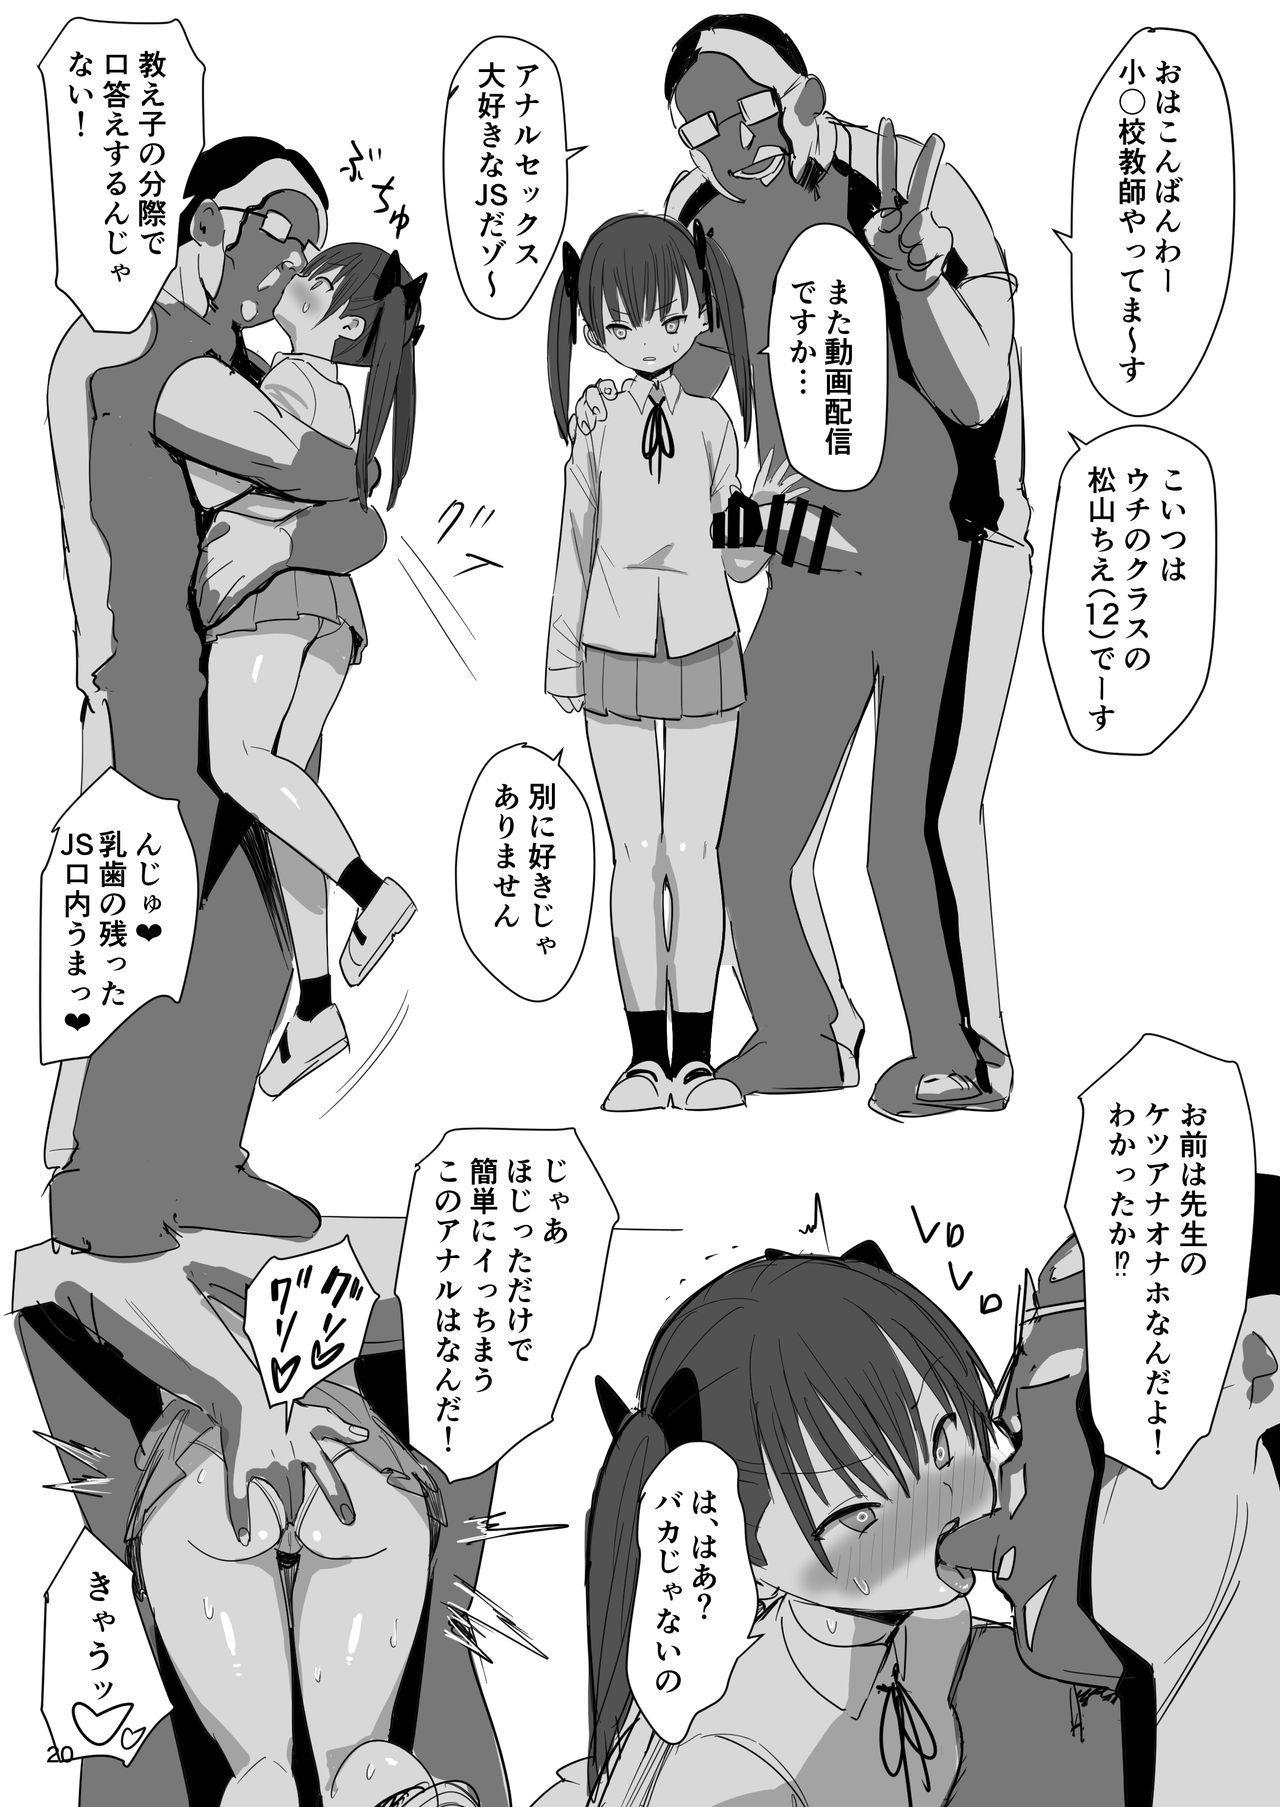 Muteikou Shoujo - Resistanceless girl 20